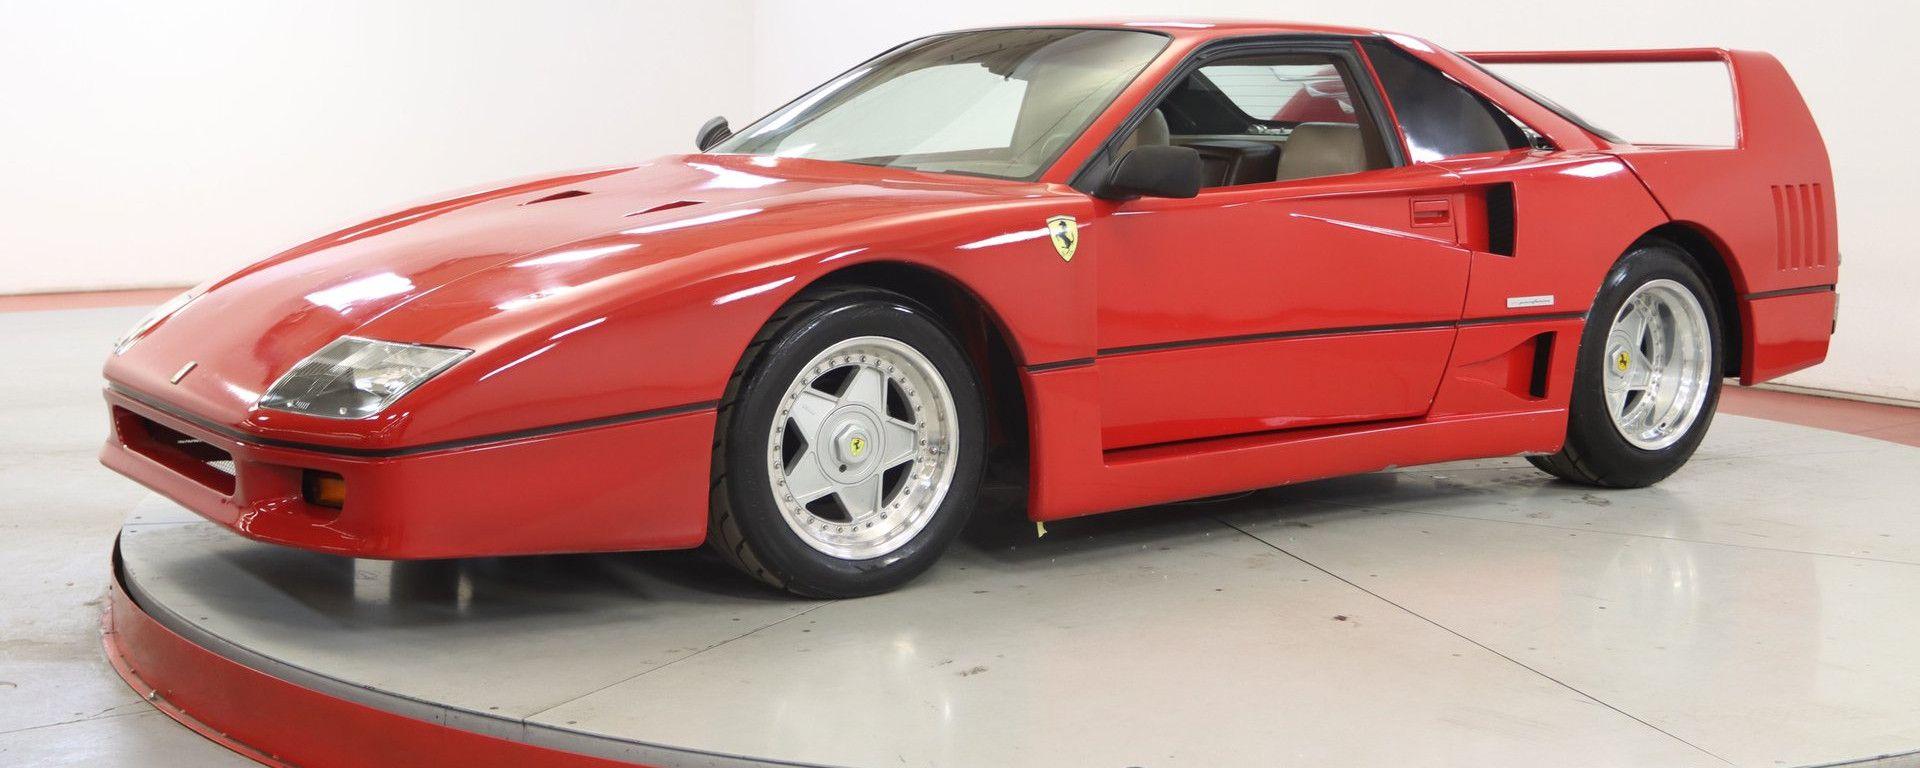 La replica di Ferrari F40 nasconde una Pontiac Fiero